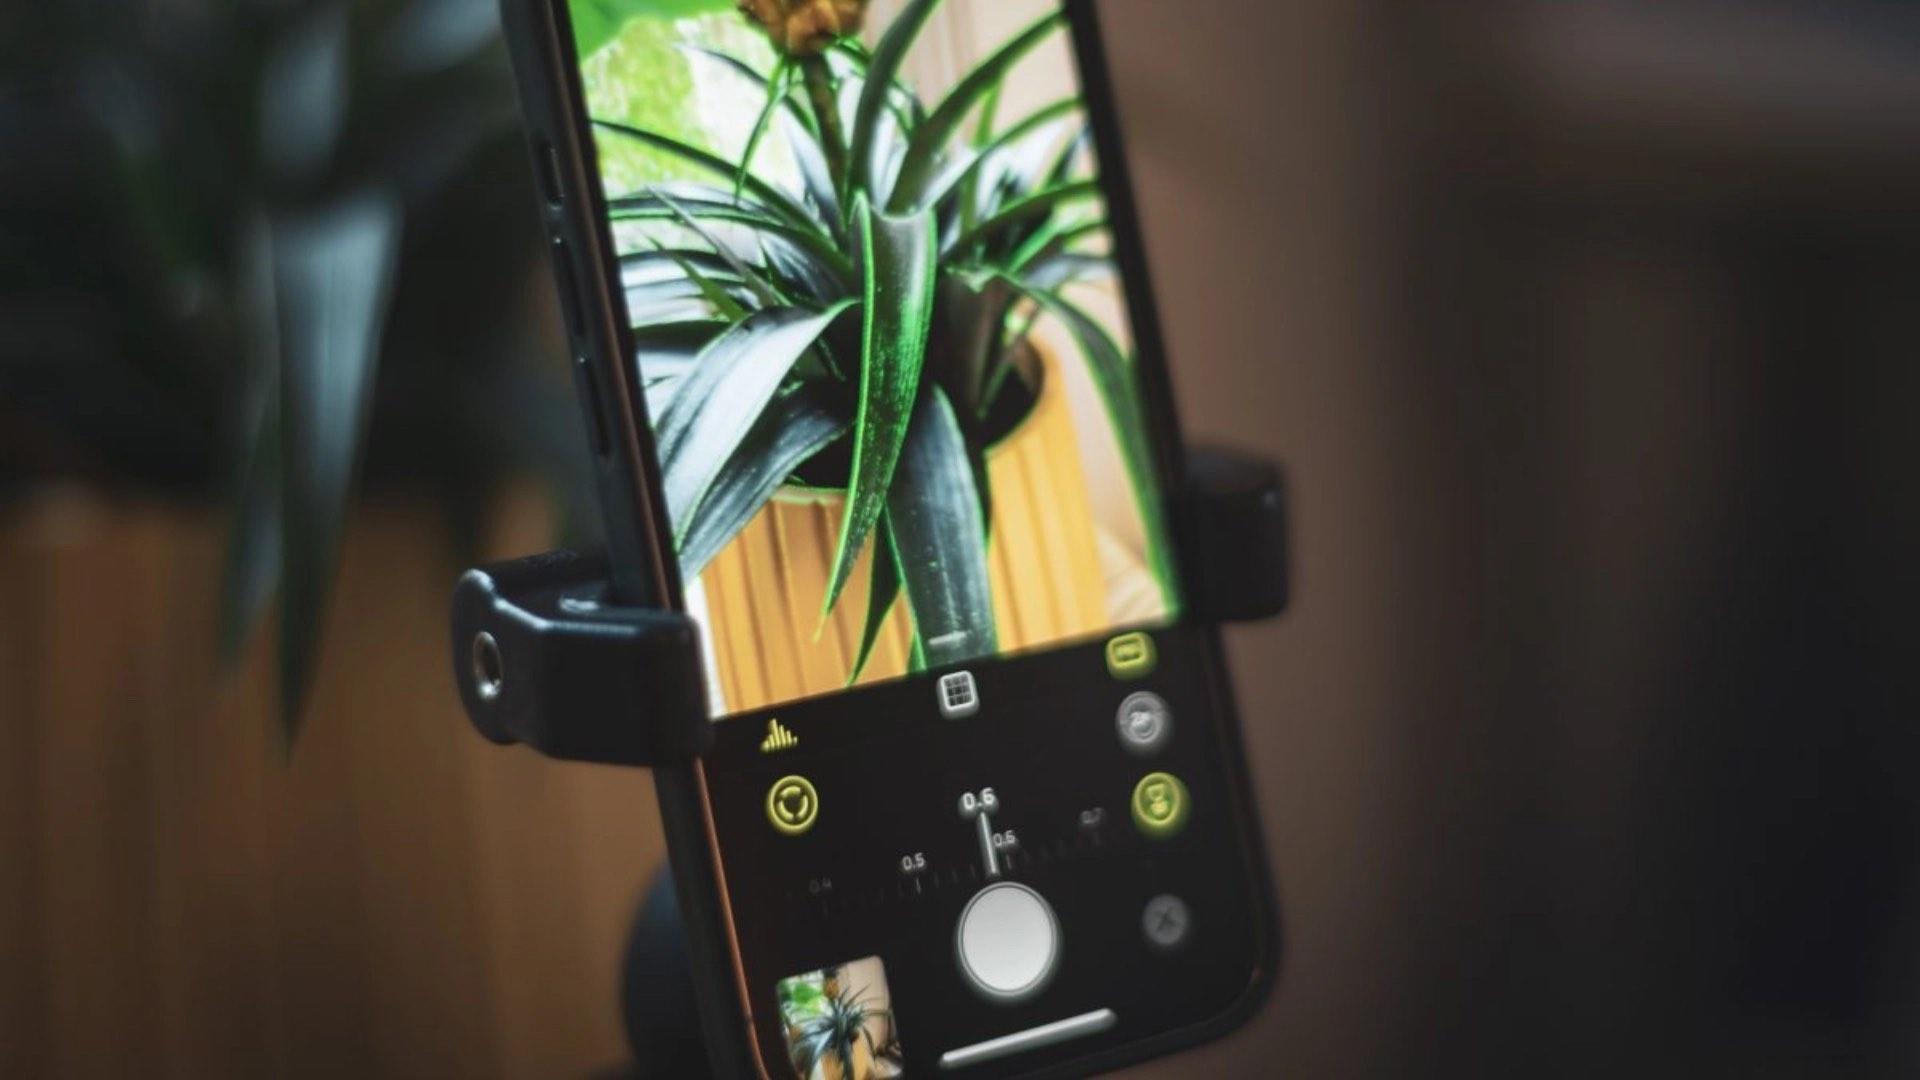 Tryb makro - jak włączyć na starszym iPhone? ciekawostki, box zdjecia makro, tryb makro z iphone 13 na starszym iphone, tryb makro, makro na starszym iphone, jak uruchomic tryb makro na starszym iphone  Jedną z nowości w iPhone 13 | 13 Pro jest tryb makro. Dziś pokażemy Wam jak korzystać z nowego trybu na starszych iPhone'ach - za darmo i bez Jailbreak. makro halide